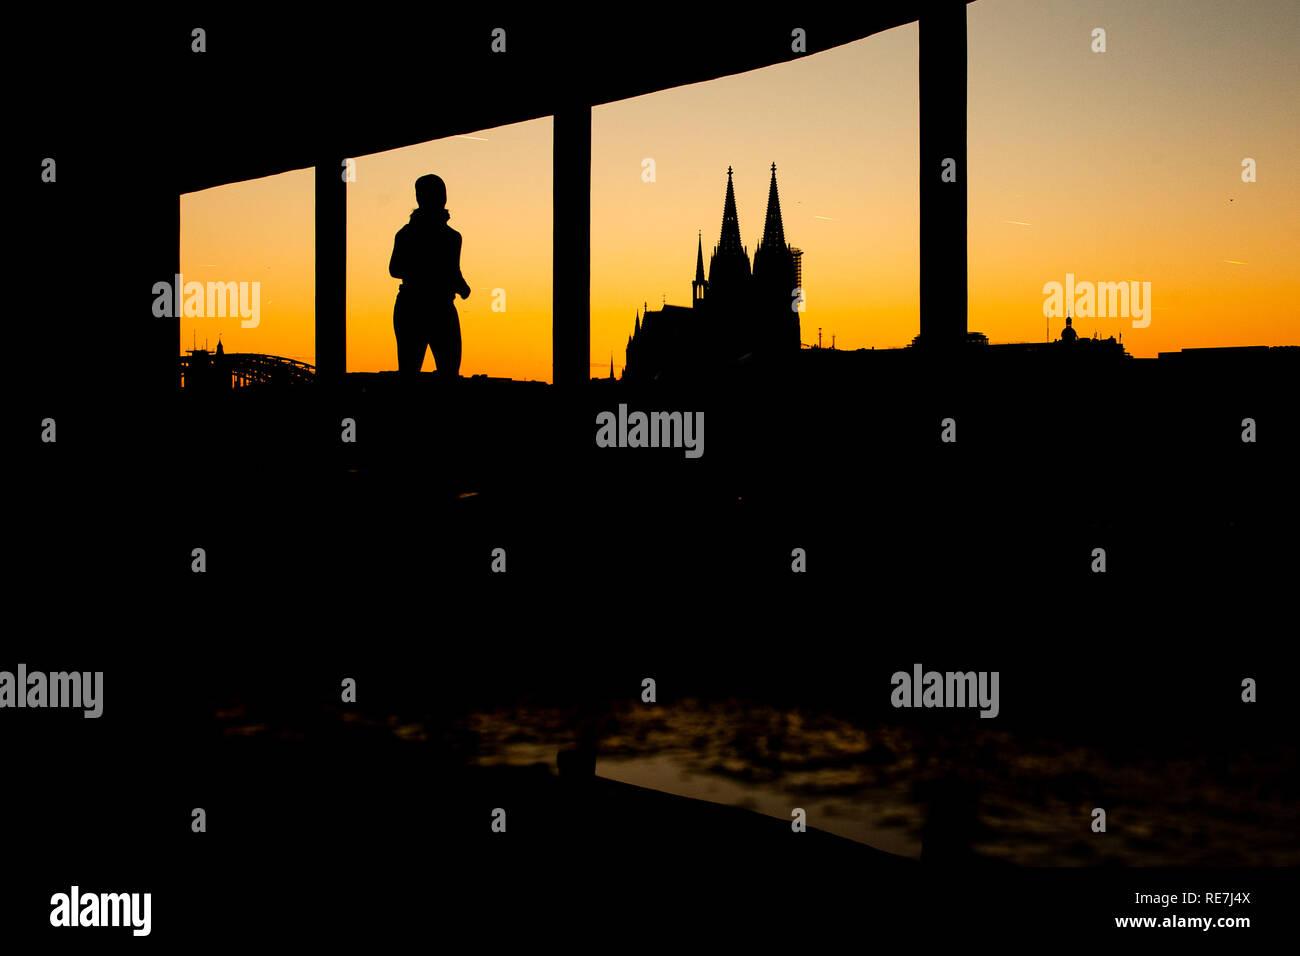 Eine Frau joggt bei Sonnenuntergang durch eine Unterführung am Rhein. Im Hintergrund zeichnet sich der Kölner Dom ab. - Stock Image